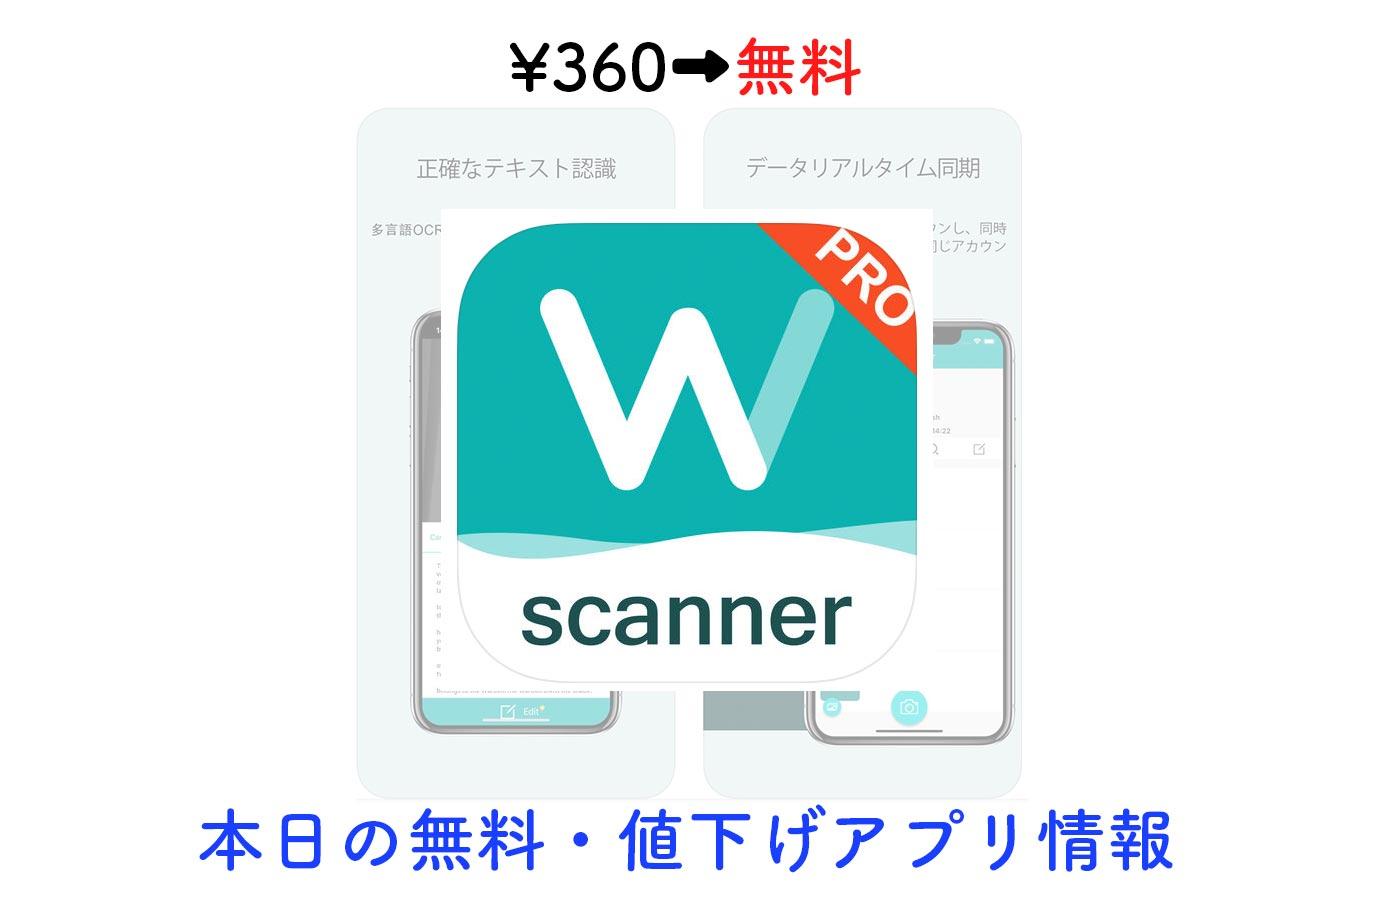 360円→無料、スキャナアプリ「WorldScan Pro」など【4/25】セールアプリ情報